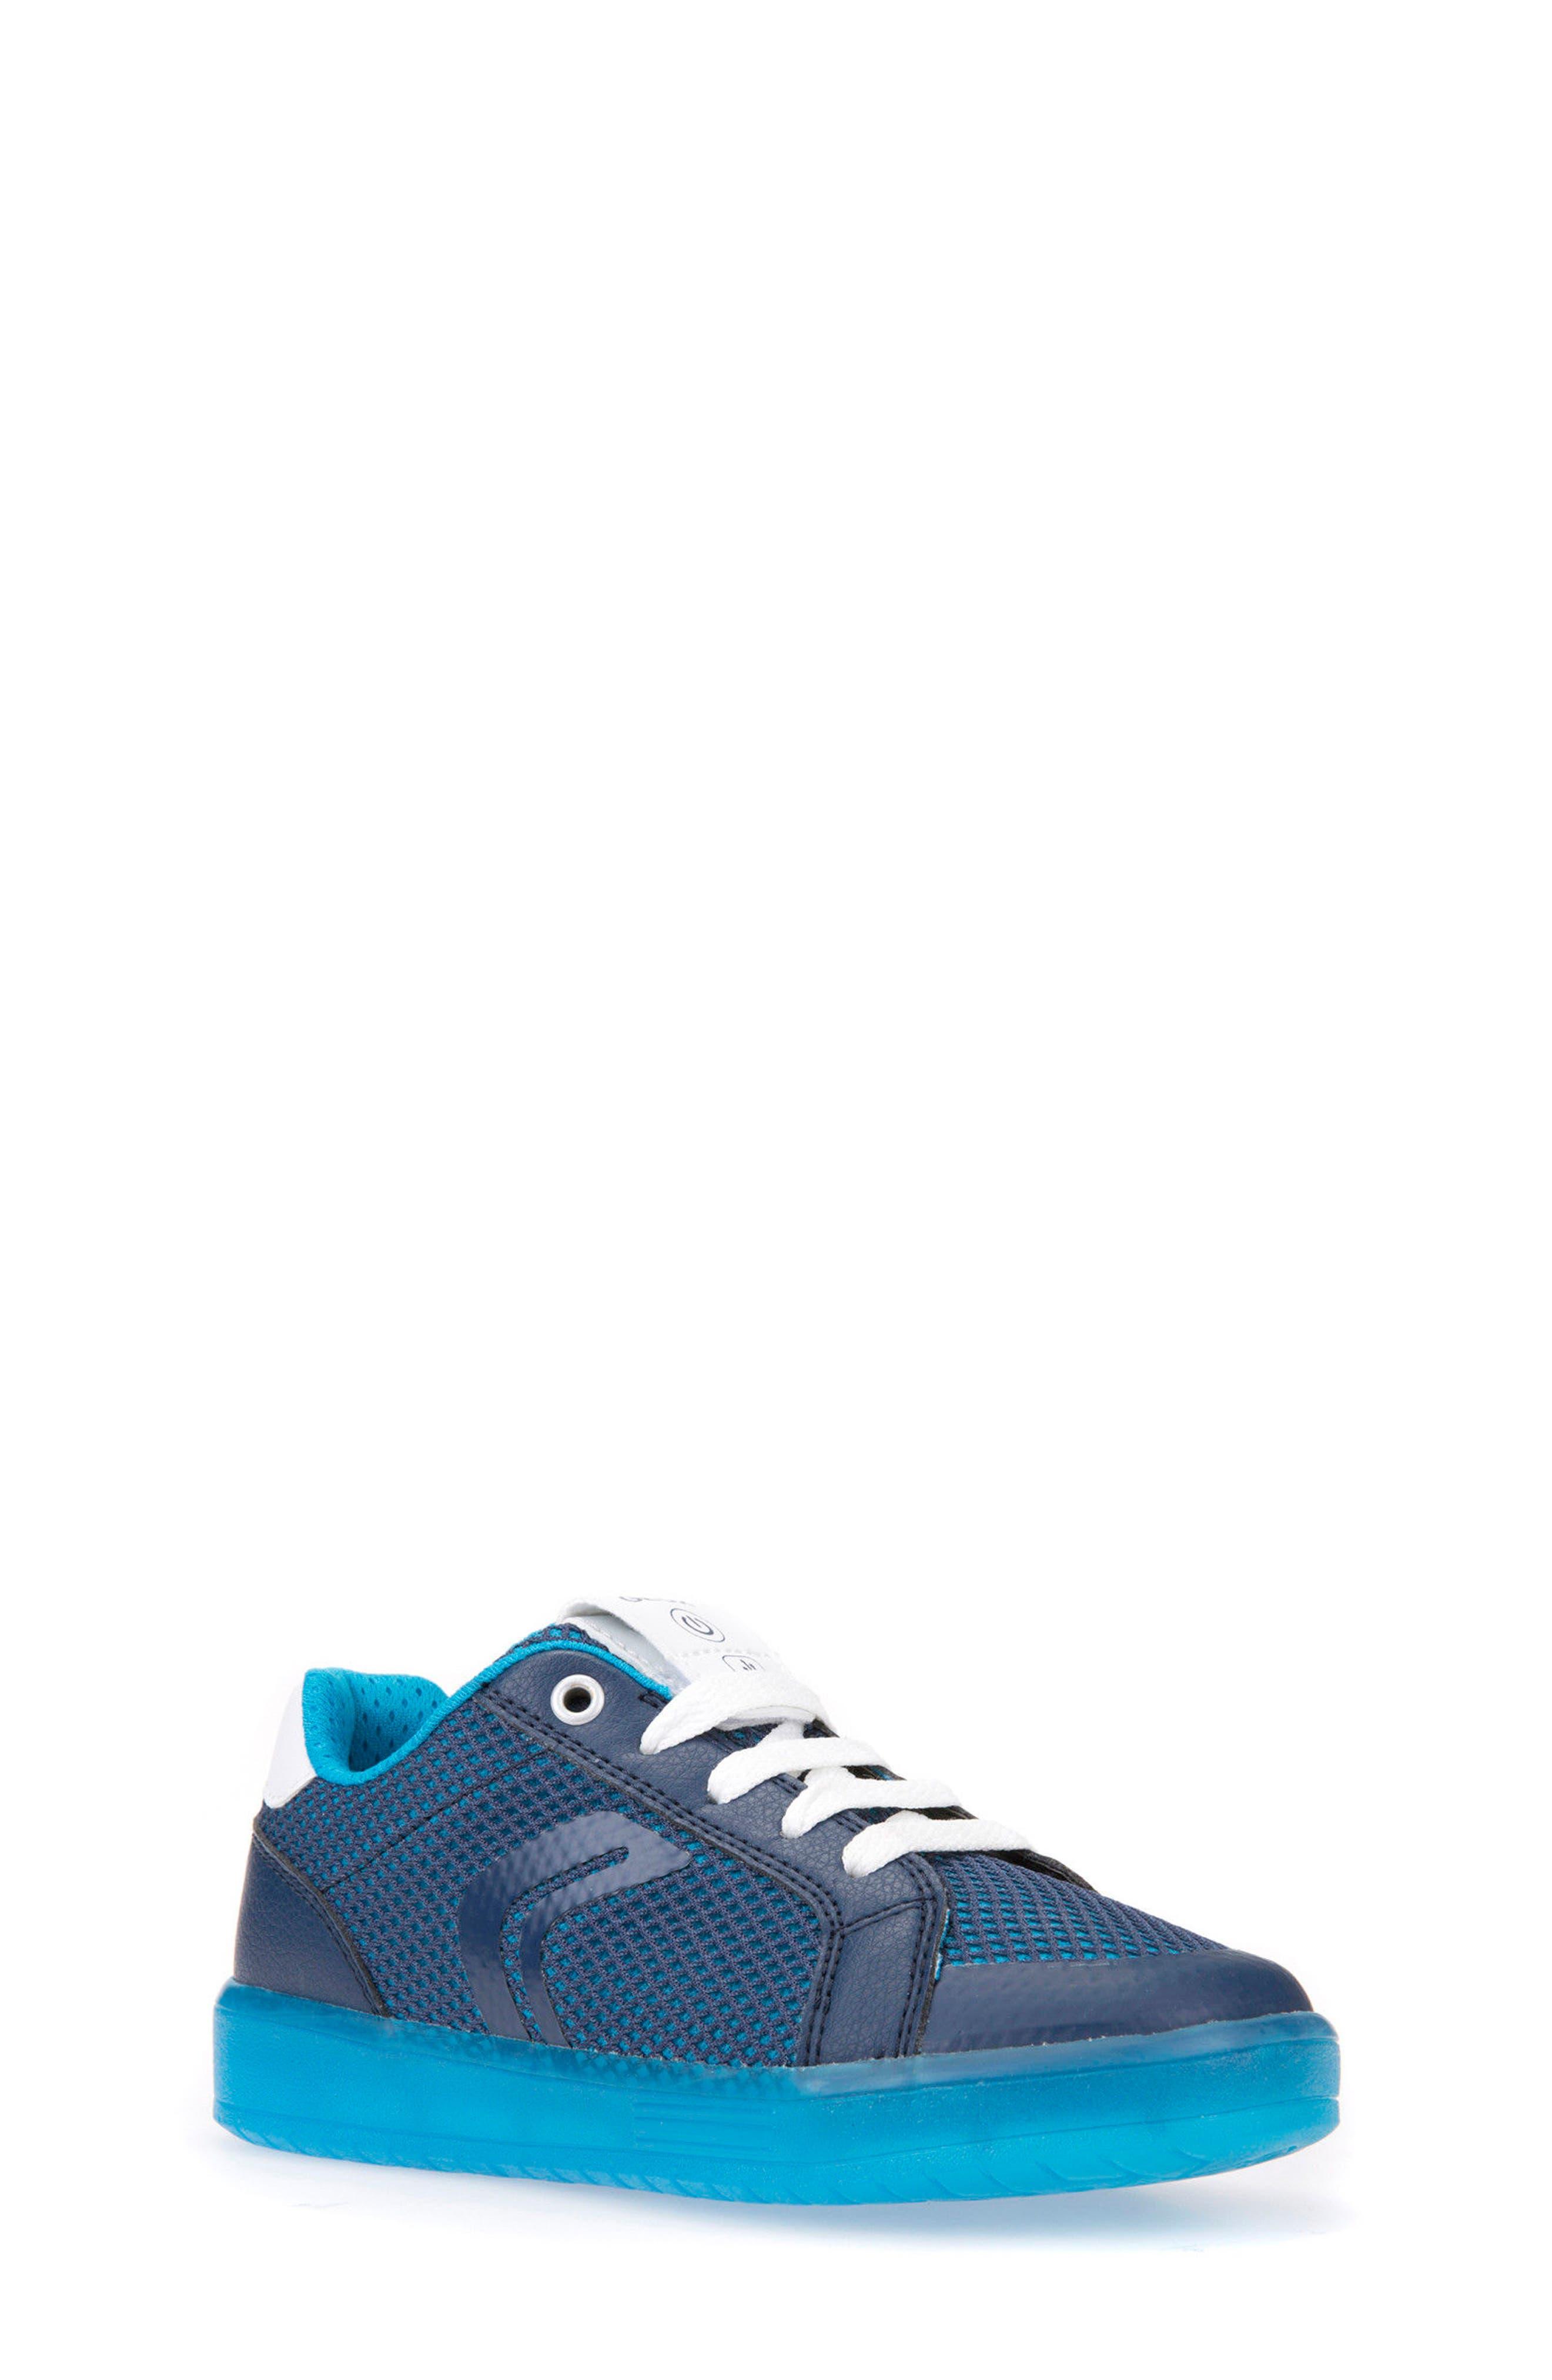 Kommodor Light-Up Mesh Sneaker,                         Main,                         color, Navy/ Light Blue